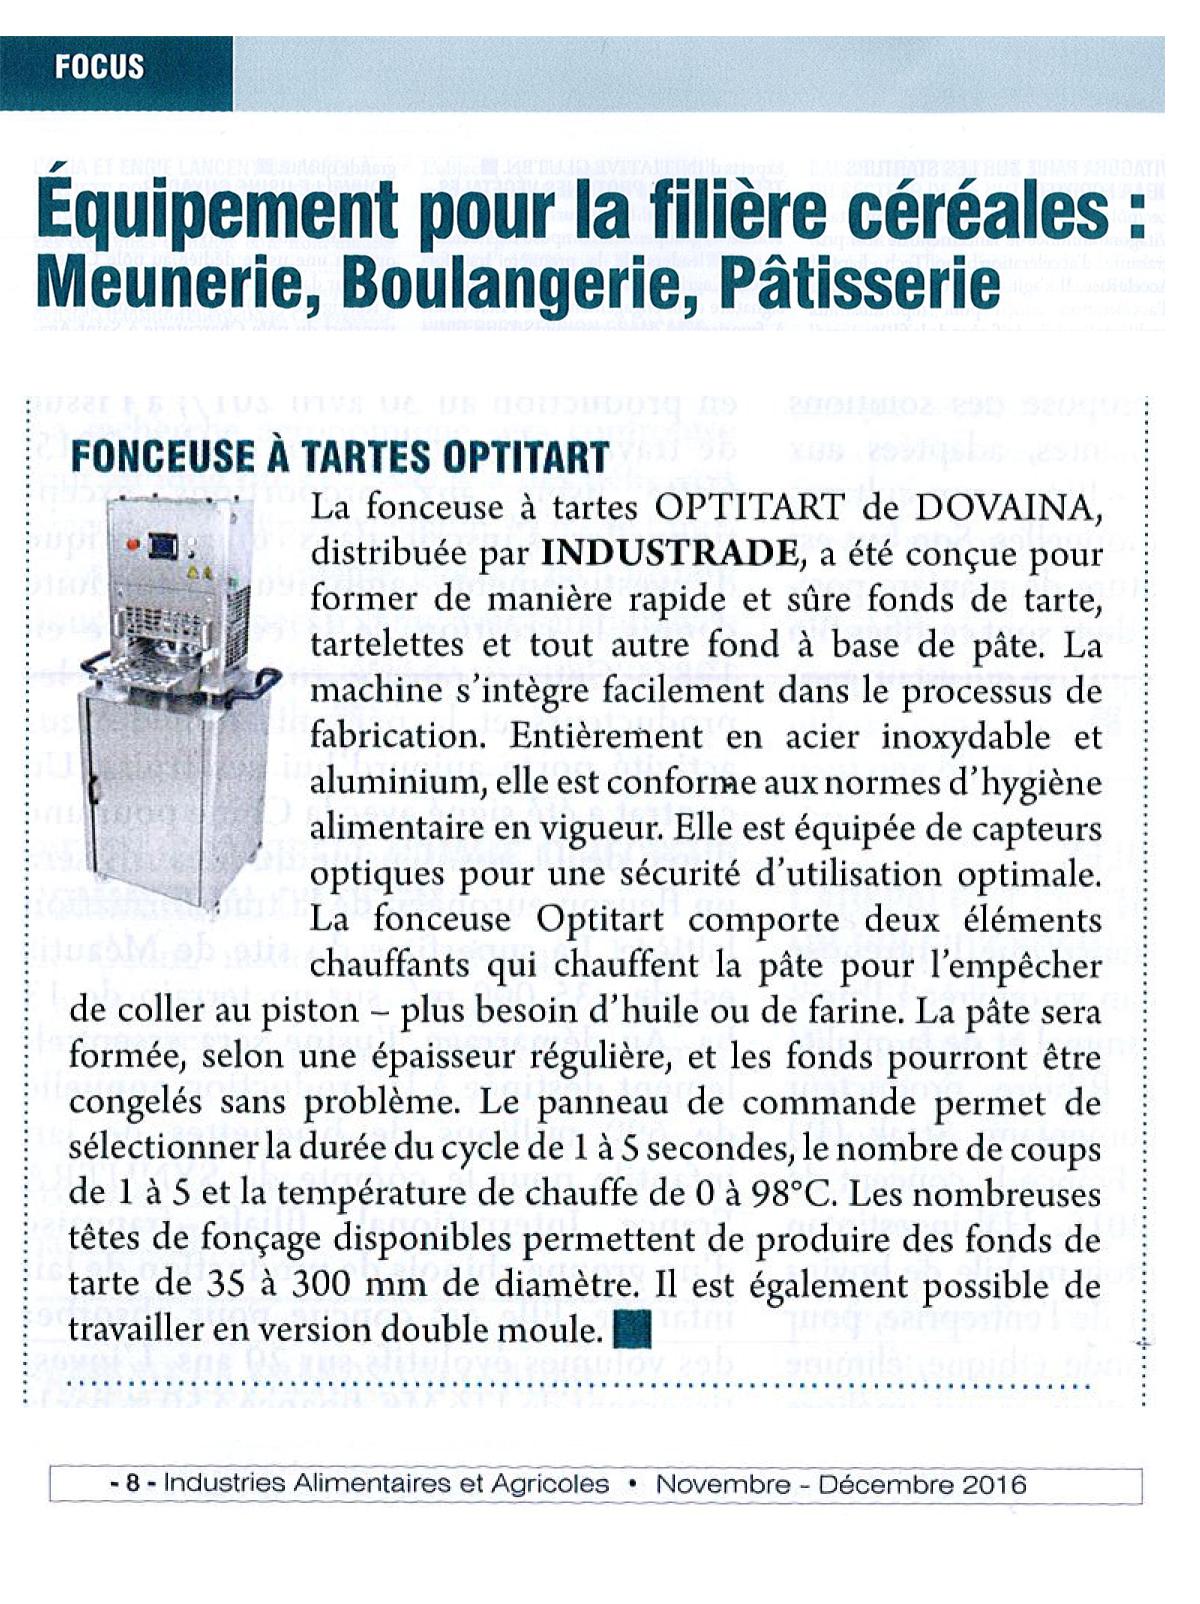 Fonceuse tartes optitart industrade for Equipement pour traiteur